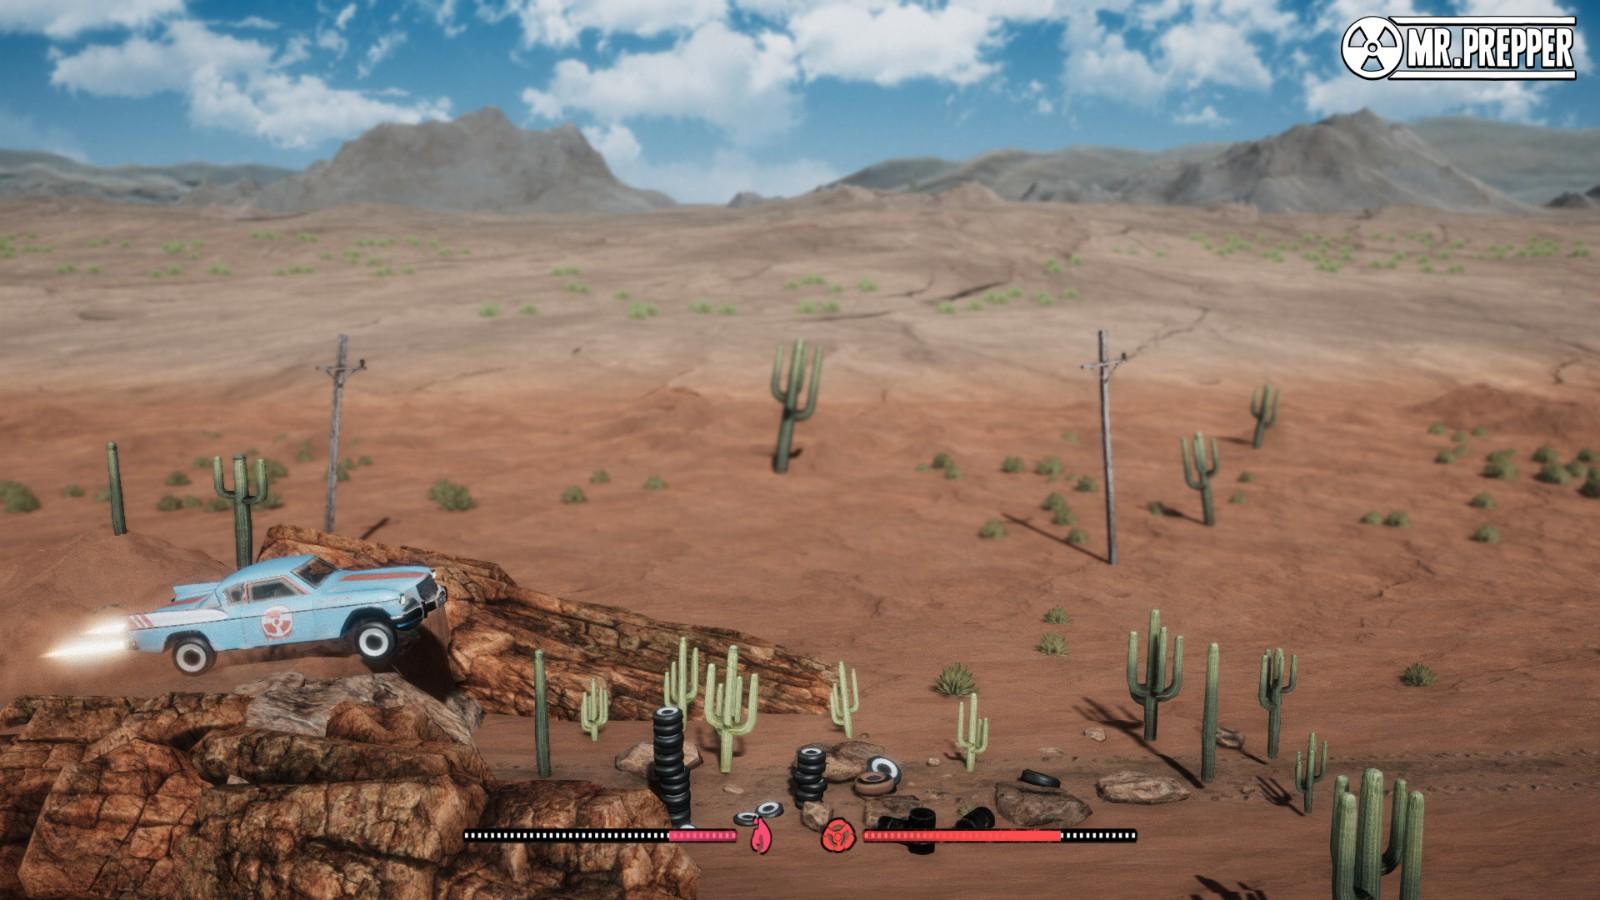 生存游戏《末日准备狂》在Steam上发售 特别好评